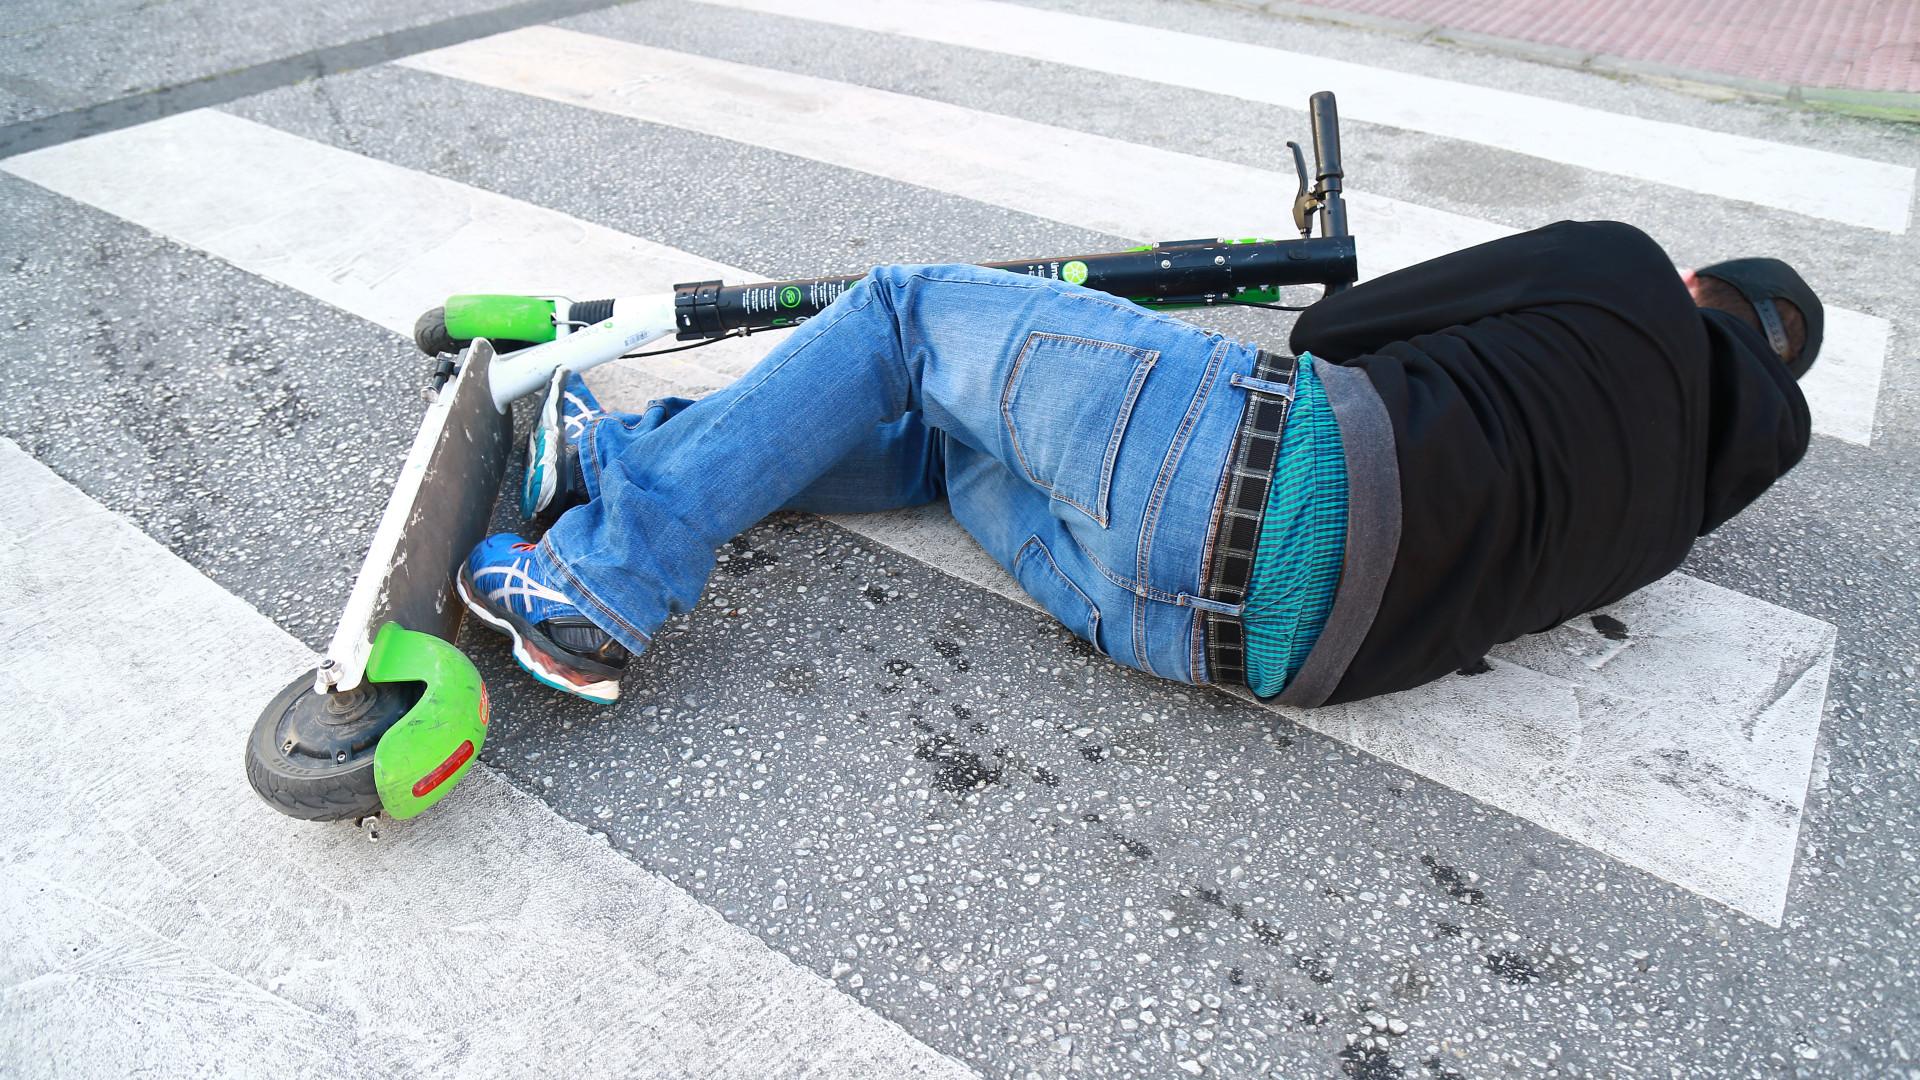 Engenheiro morre após acidente com patinete elétrico em Belo Horizonte